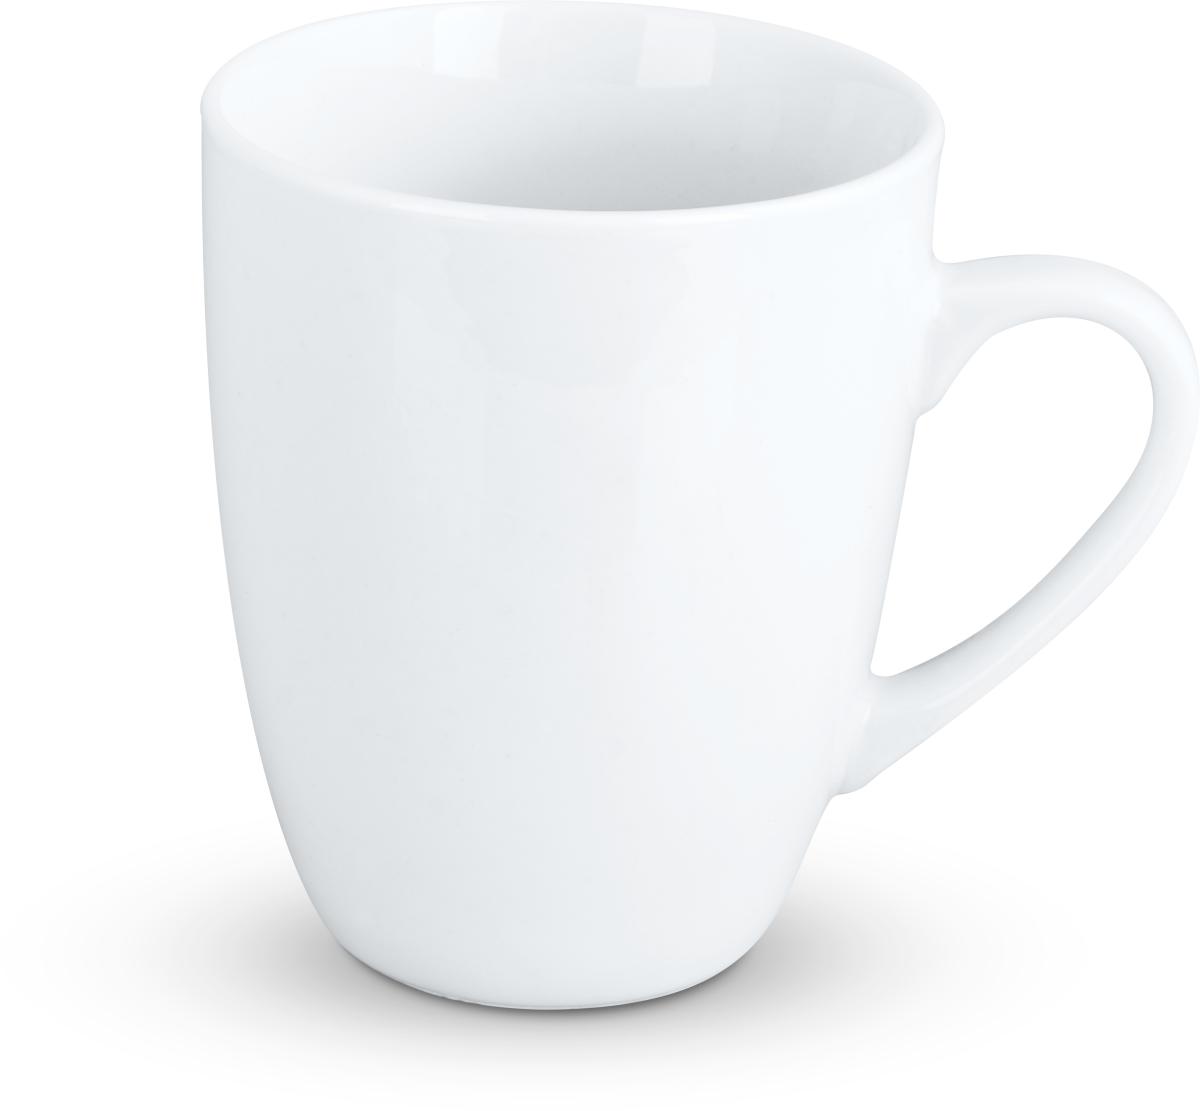 termokande med kop